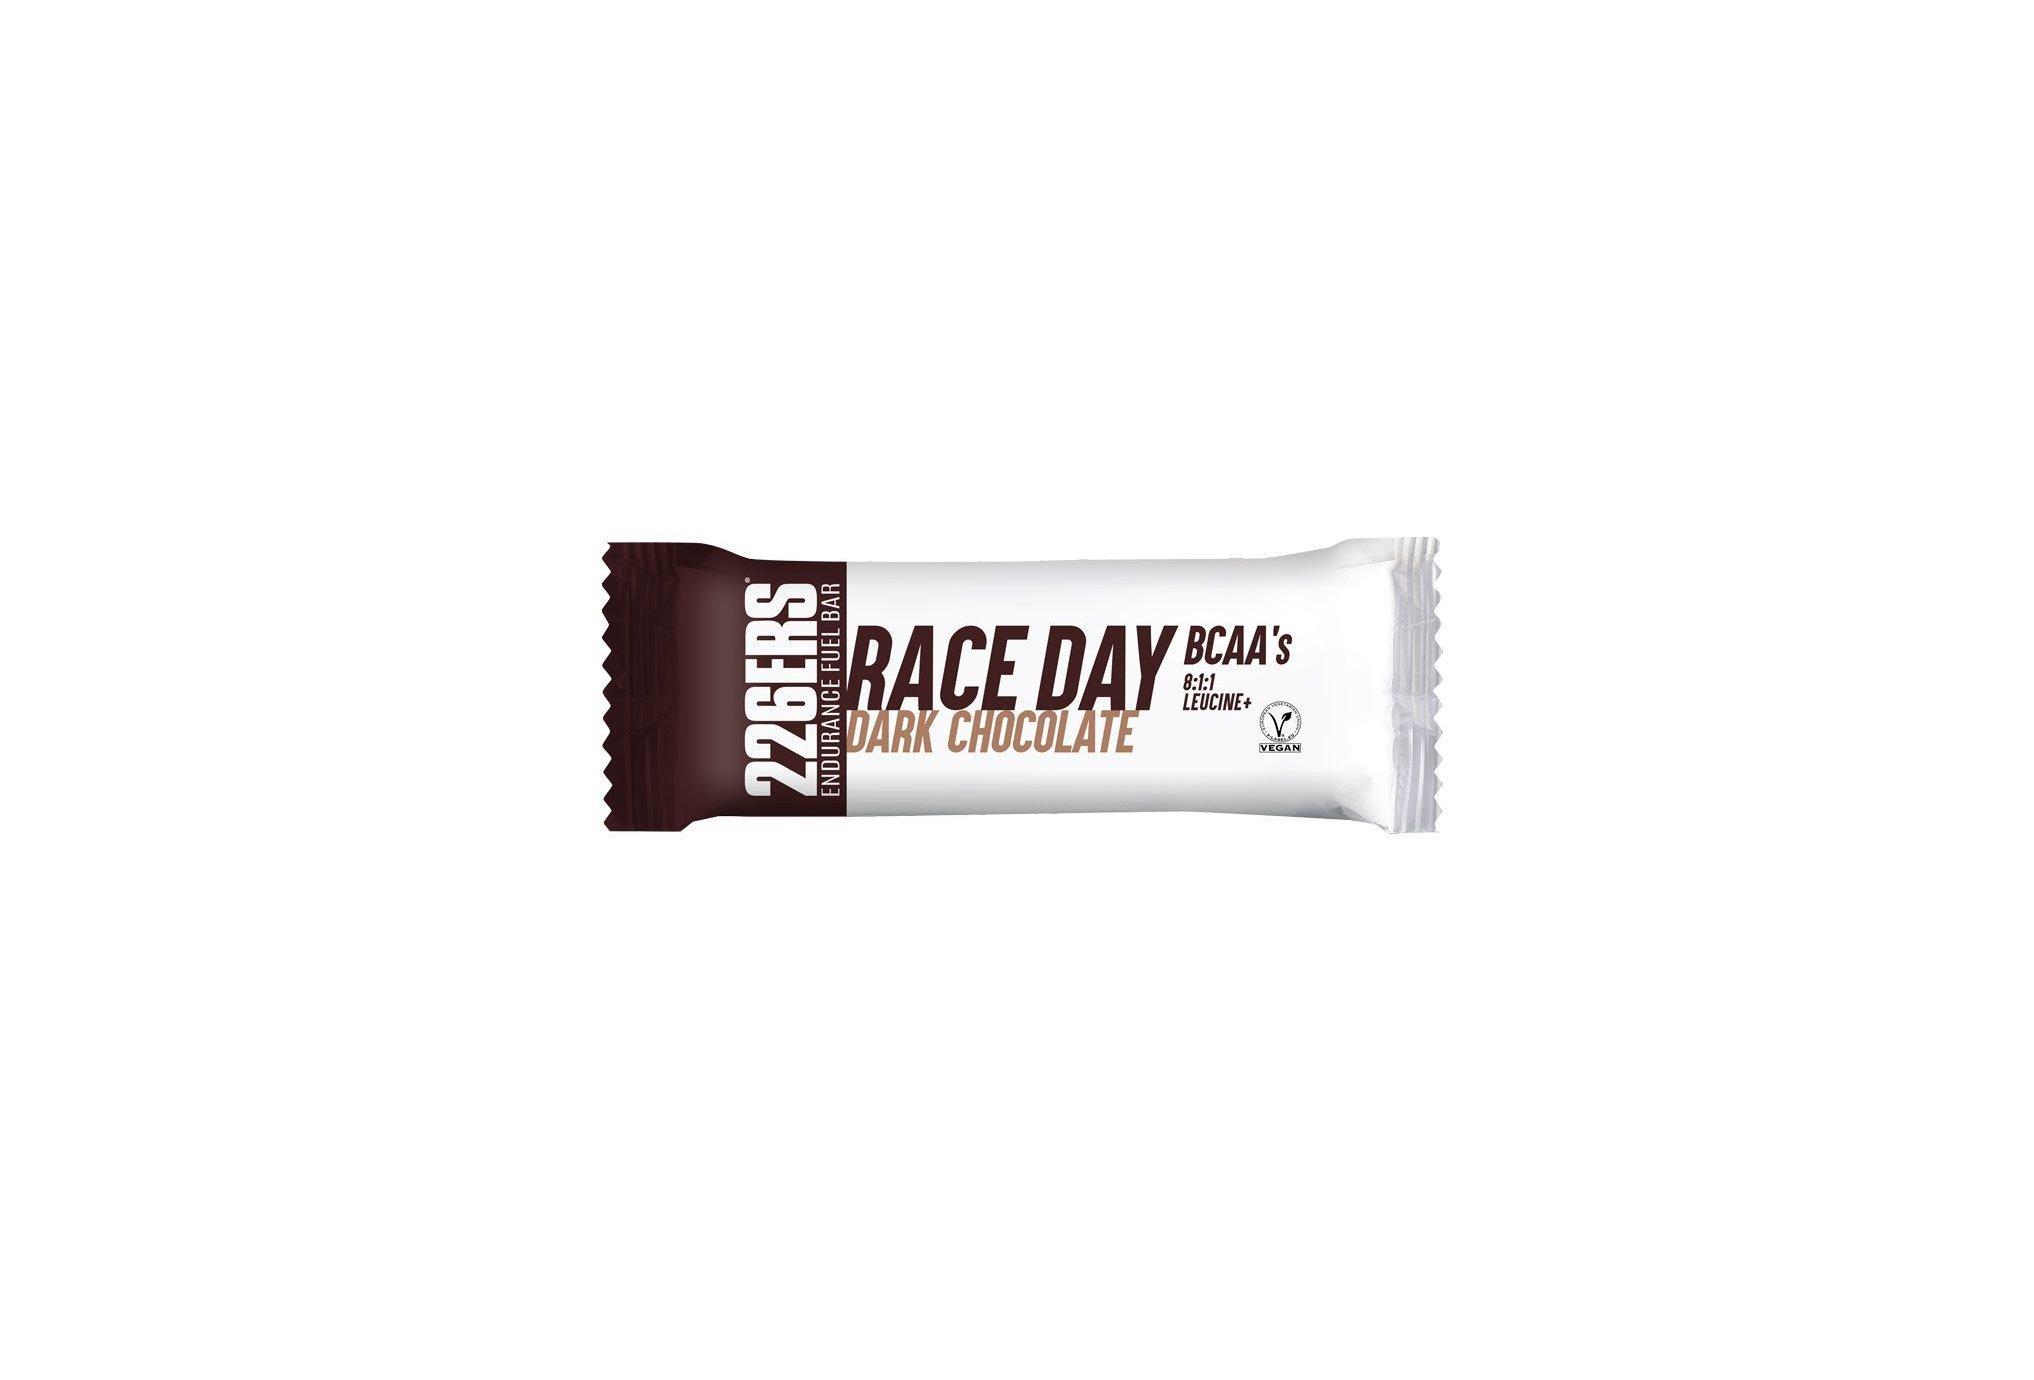 226ers Race Day BCAAs - Chocolat noir Diététique Barres